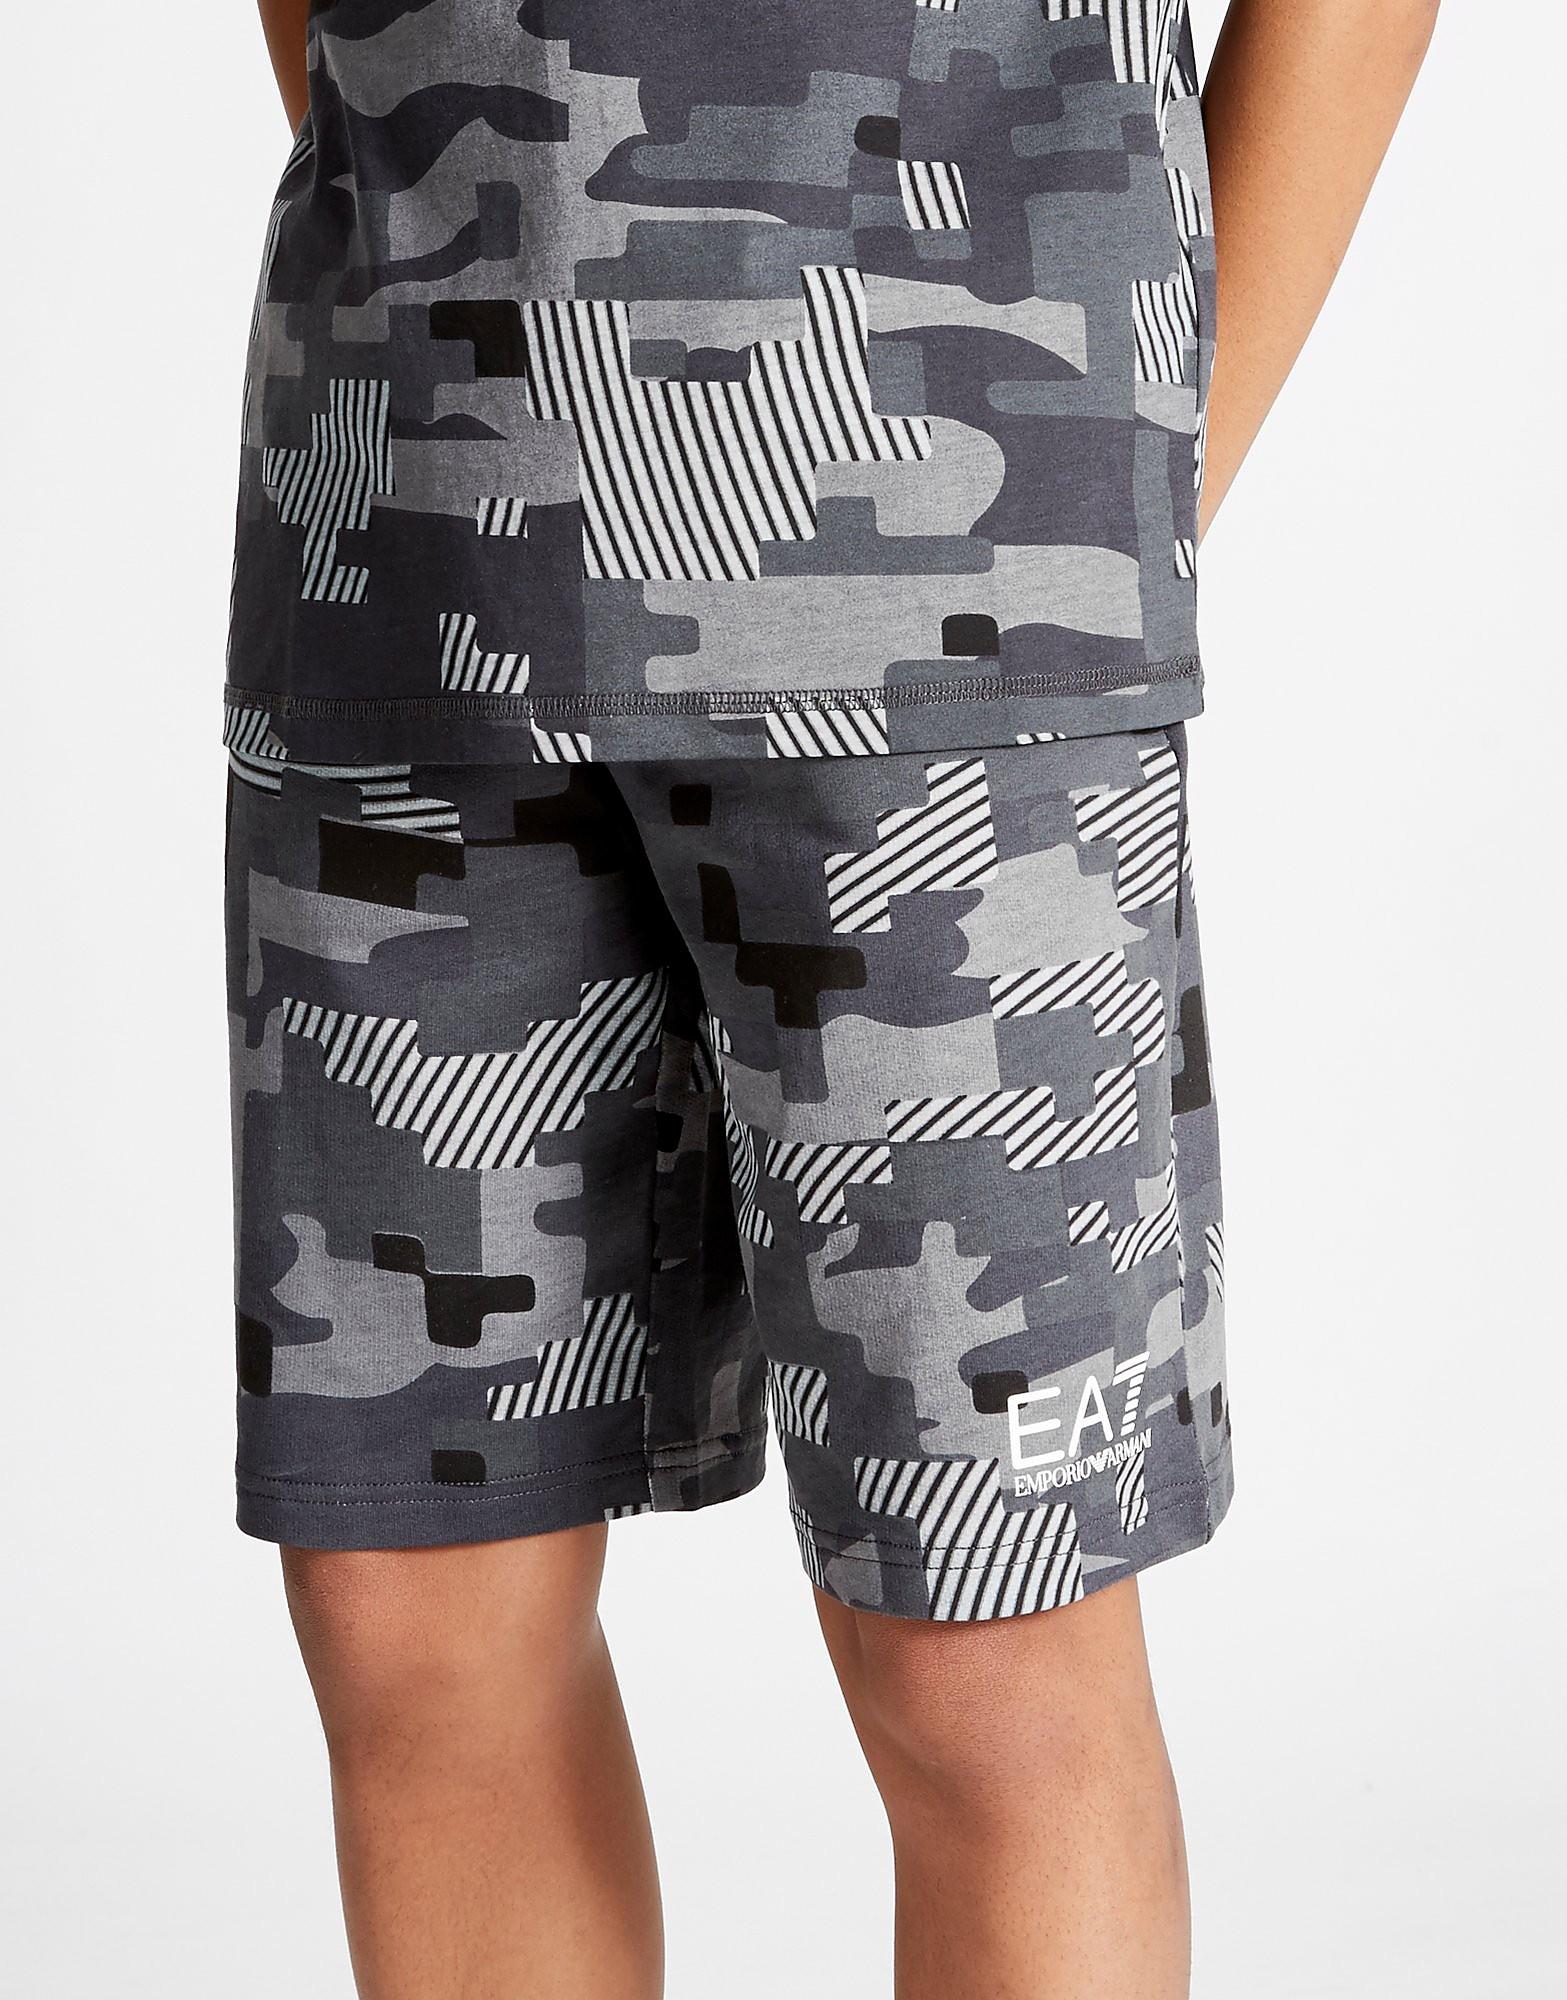 Emporio Armani EA7 Digi Camo Shorts Junior